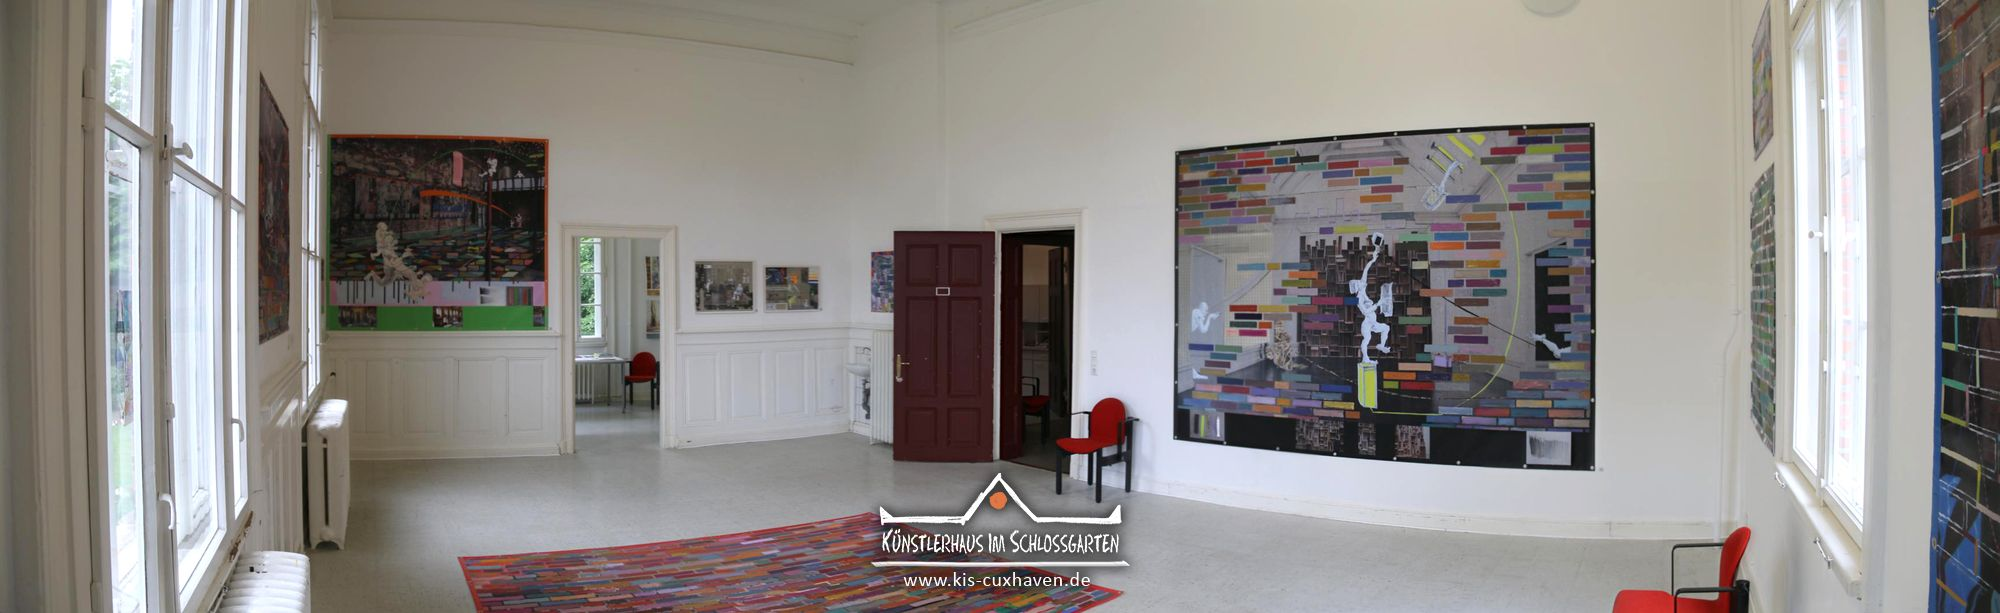 Nana Bastrup & Matvey Slavin - Multimediale Collagen - Ausstellungseröffnung am 22. Mai 2016 im Künstlerhaus im Schlossgarten in Cuxhaven